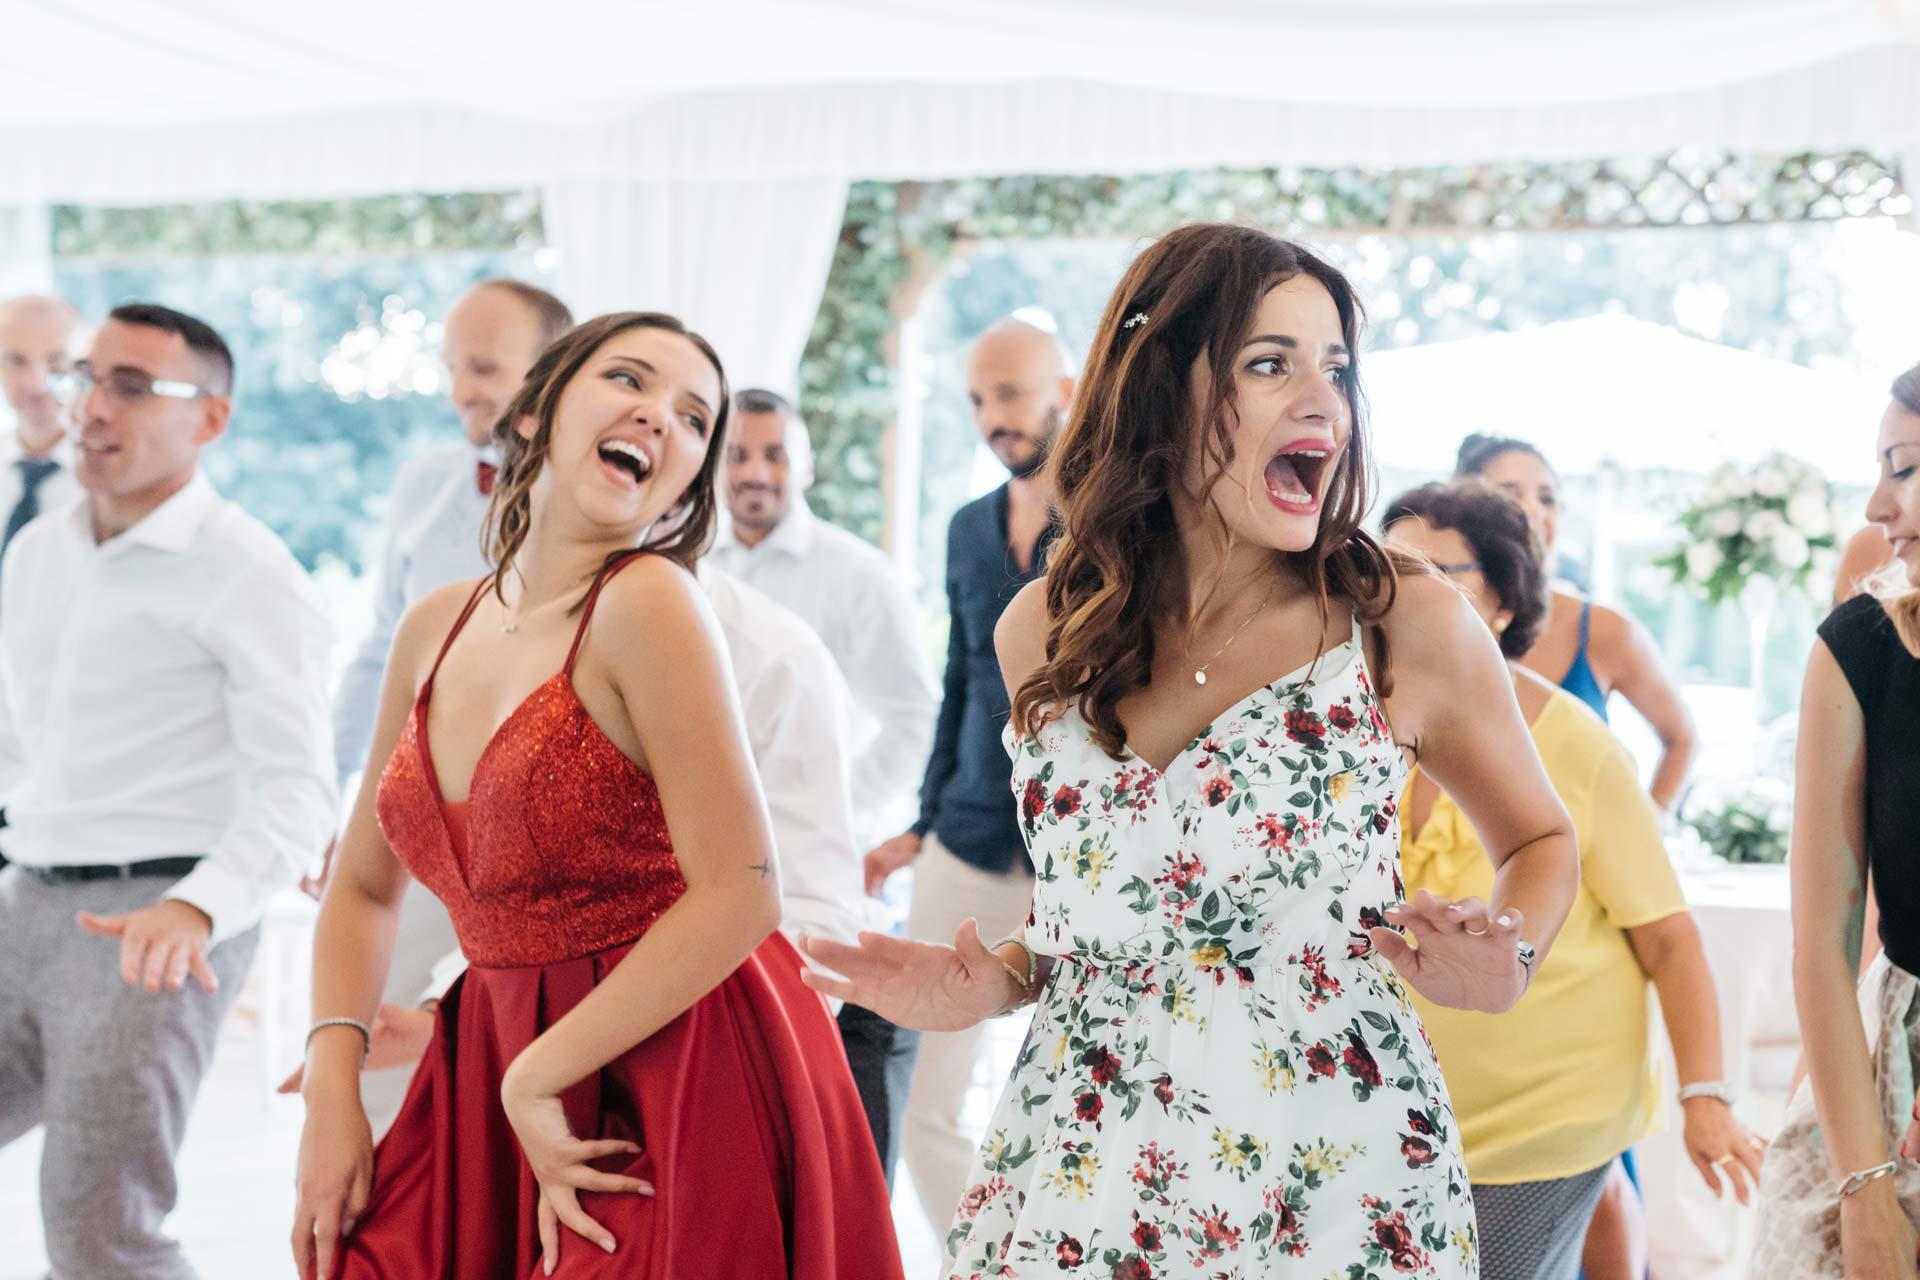 fotoreportage-di-matrimonio-roma-f&a-6-simone-nunzi